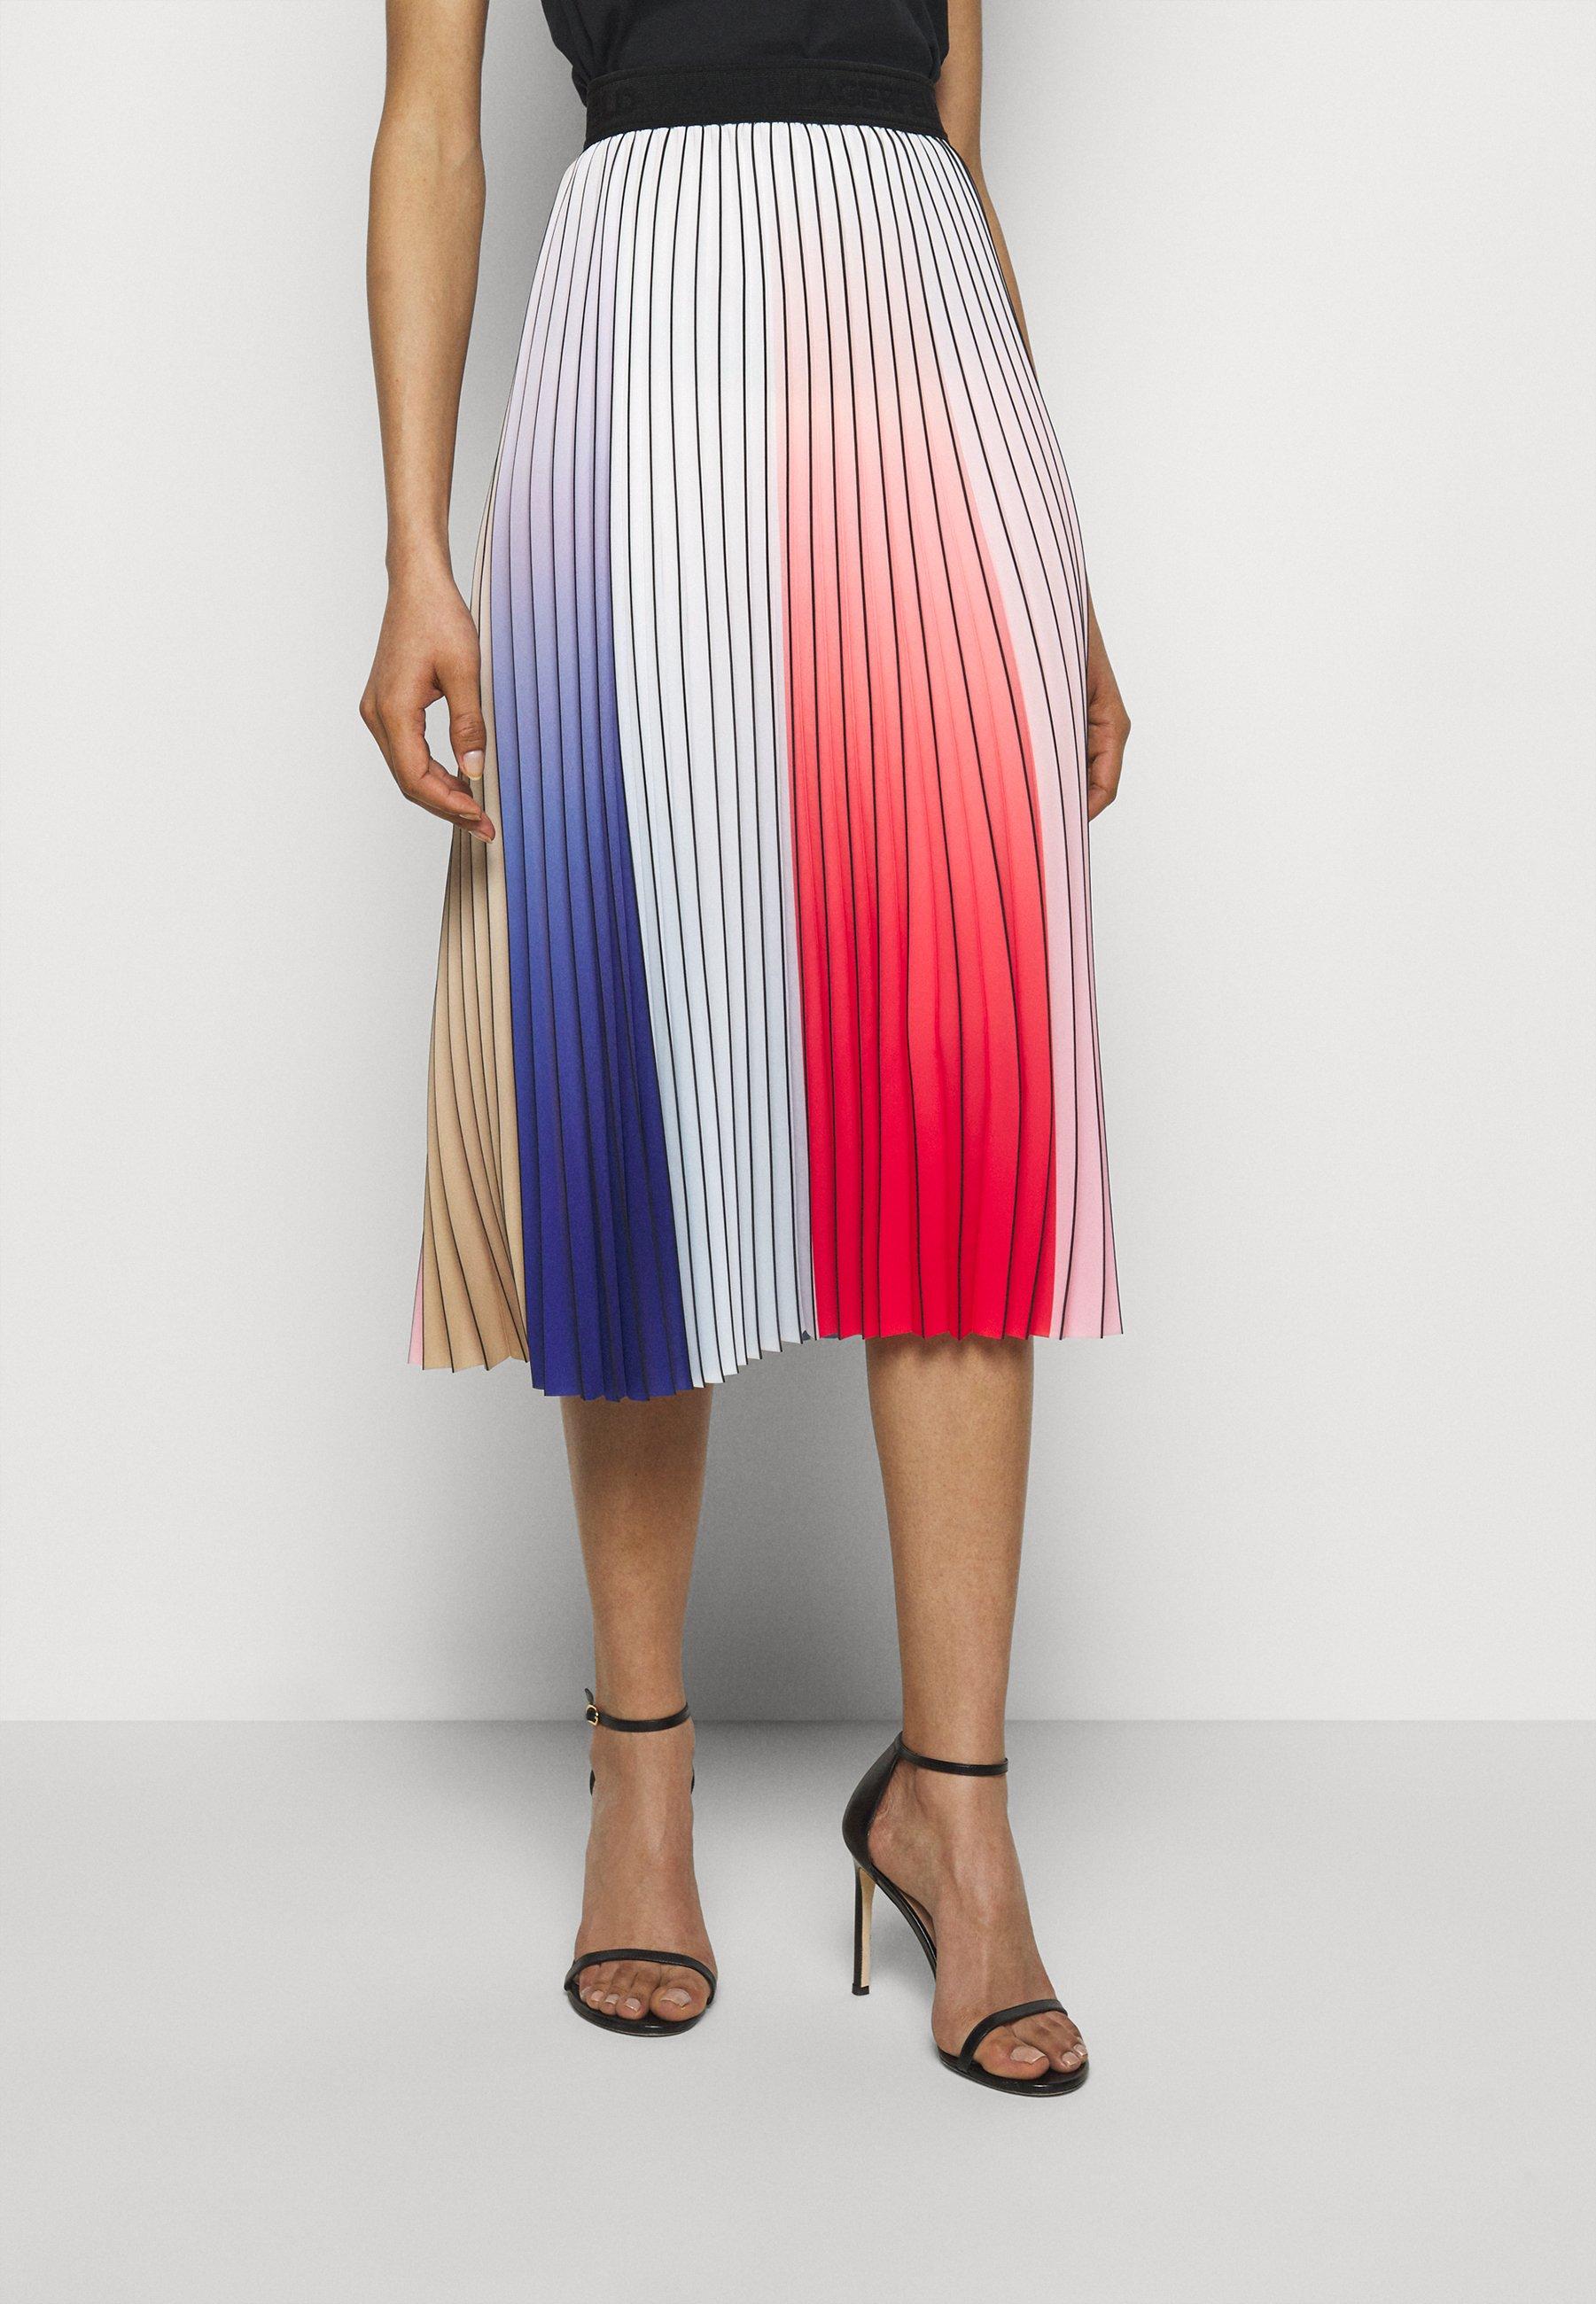 Femme PLEATED RAINBOW SKIRT - Jupe plissée